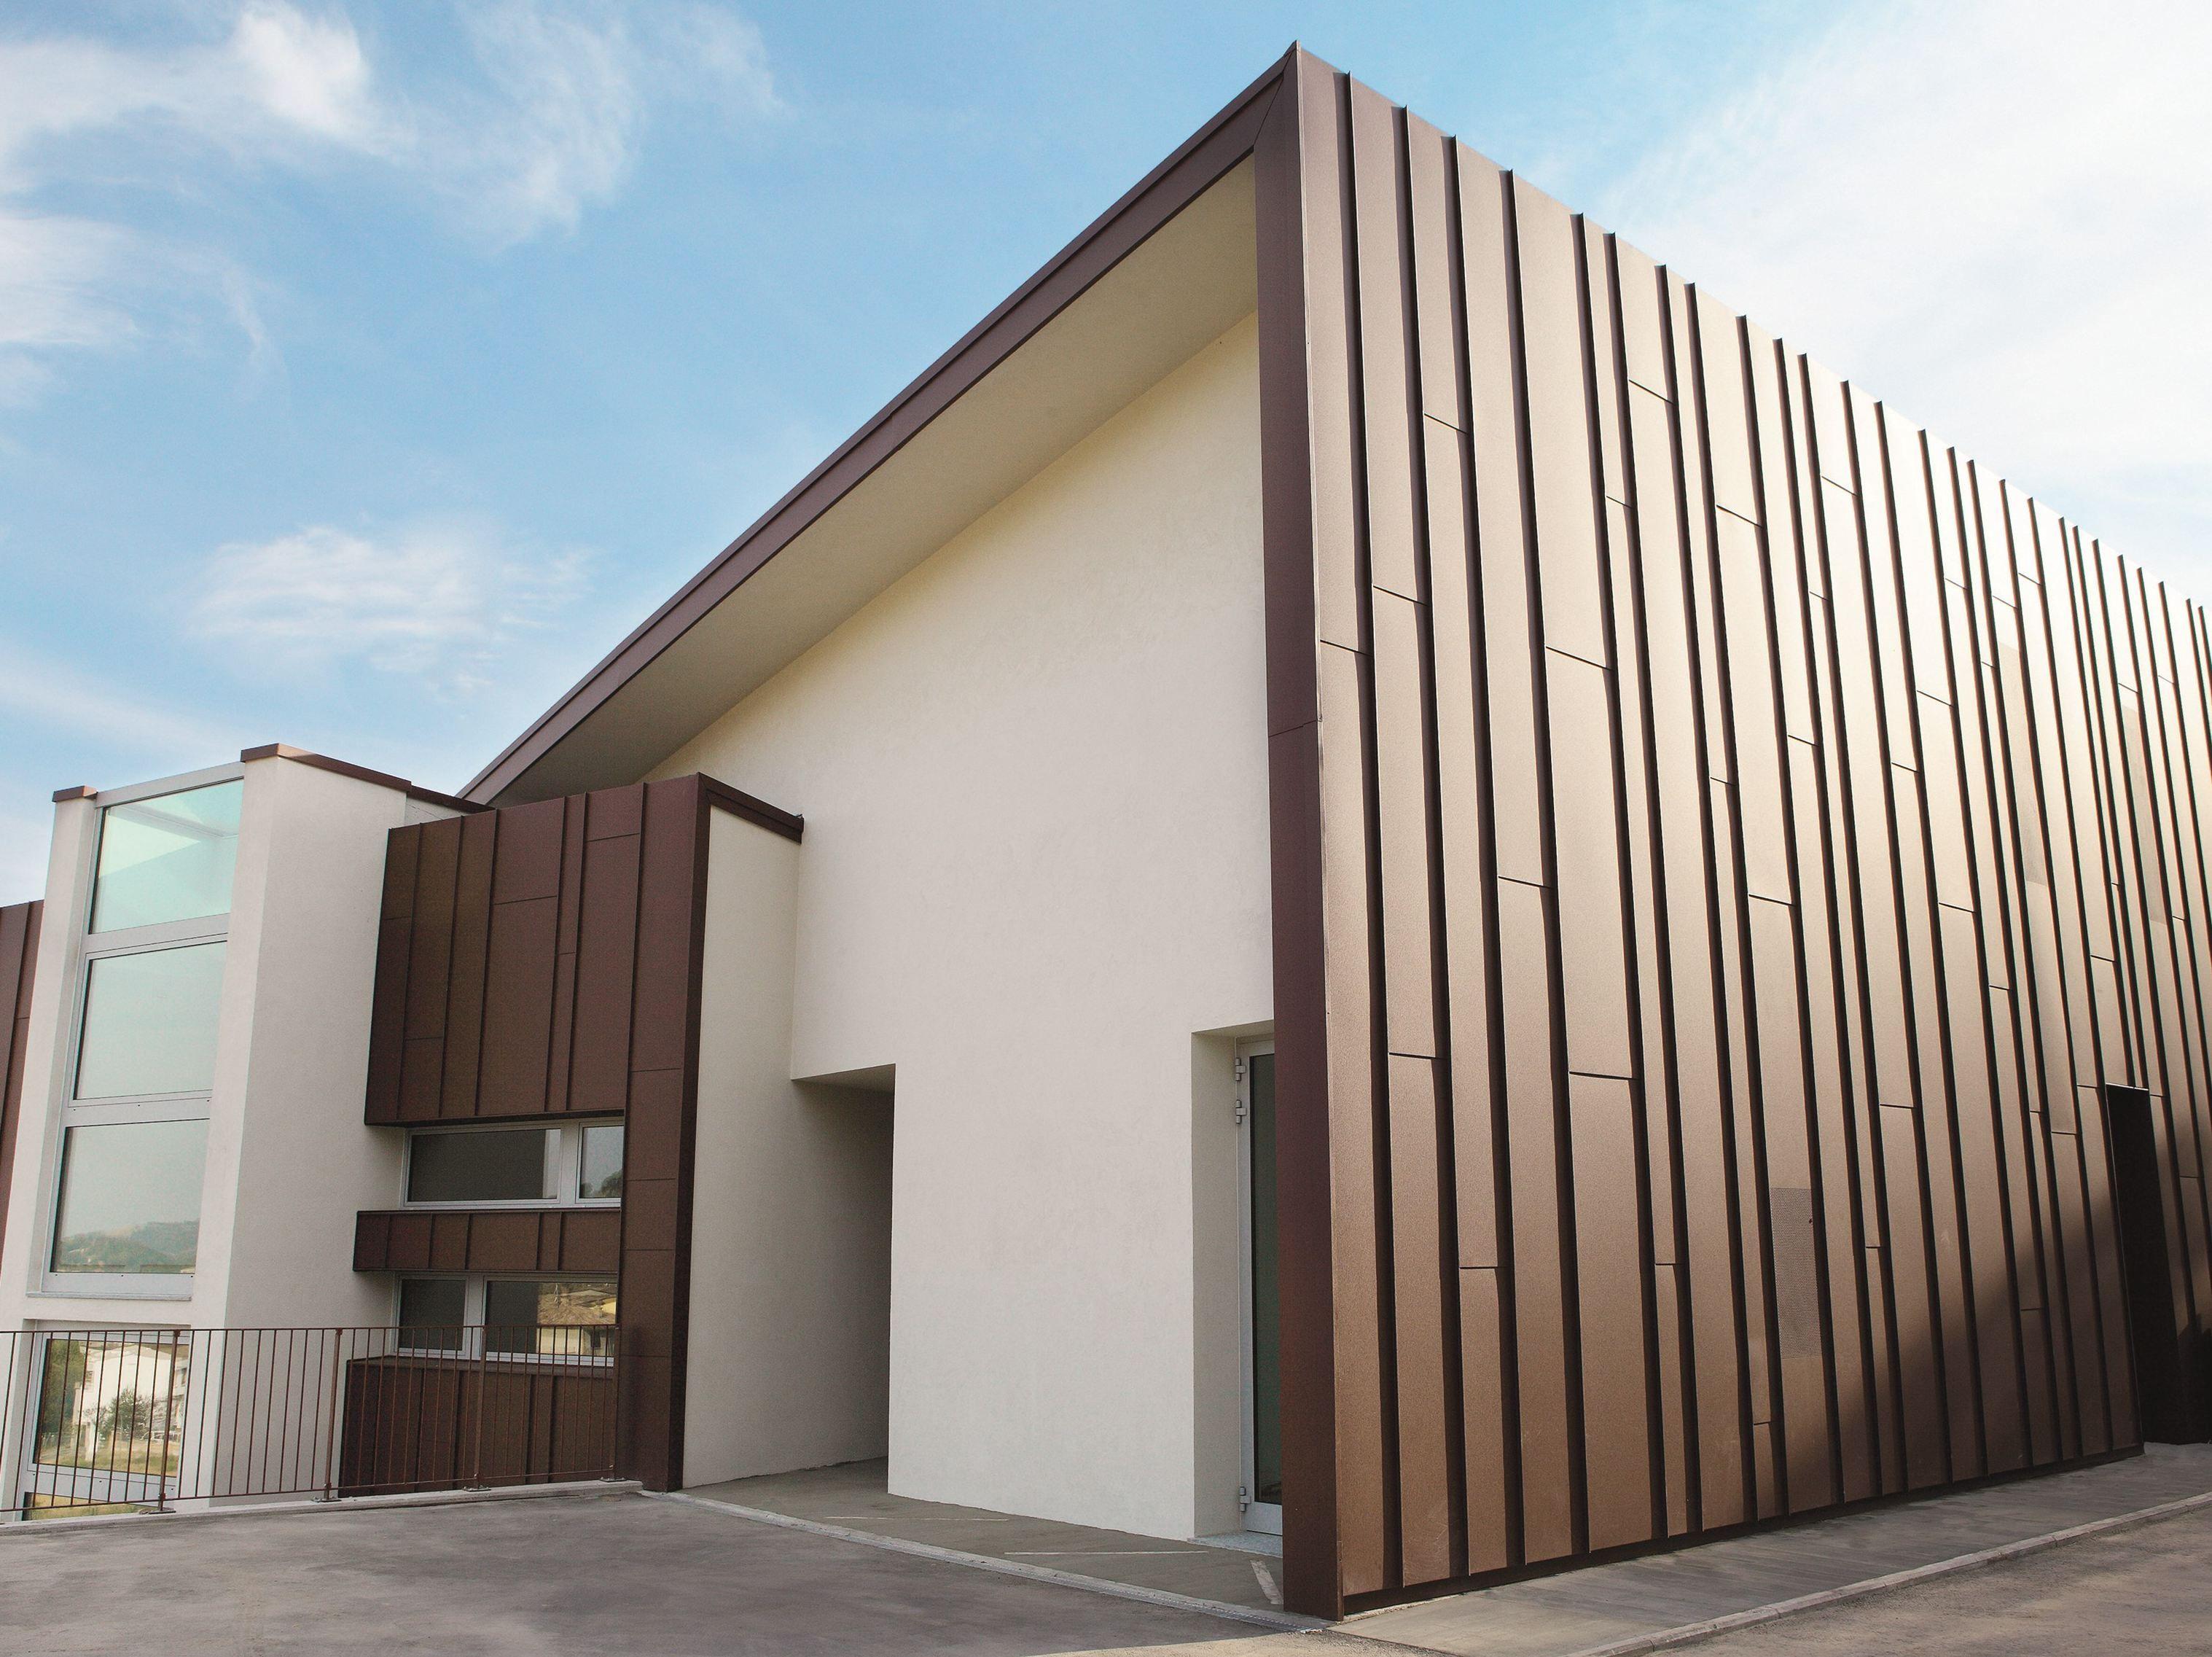 Fachadas de chapa metalica materiales de construcci n - Materiales de construccion para fachadas ...